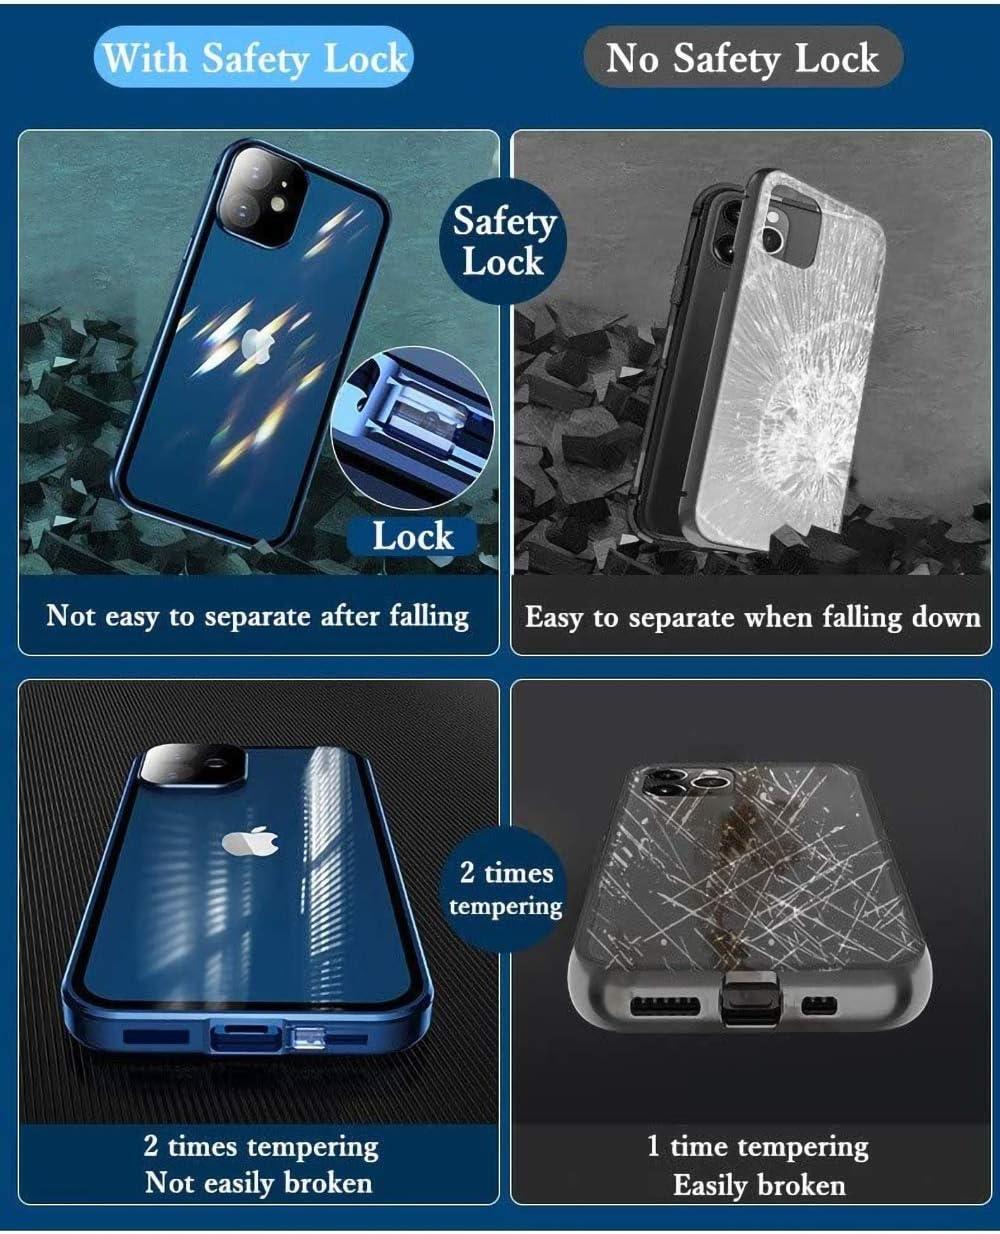 avec Verrouillage de S/écurit/é ,Etui de Transparent Verre Tremp/é Antichoc M/étal Cadre Bumper,Protection 360 Degr/és Flip Cover Case pour S21,Argent Coque pour Samsung Galaxy S21 Magn/étique Housse